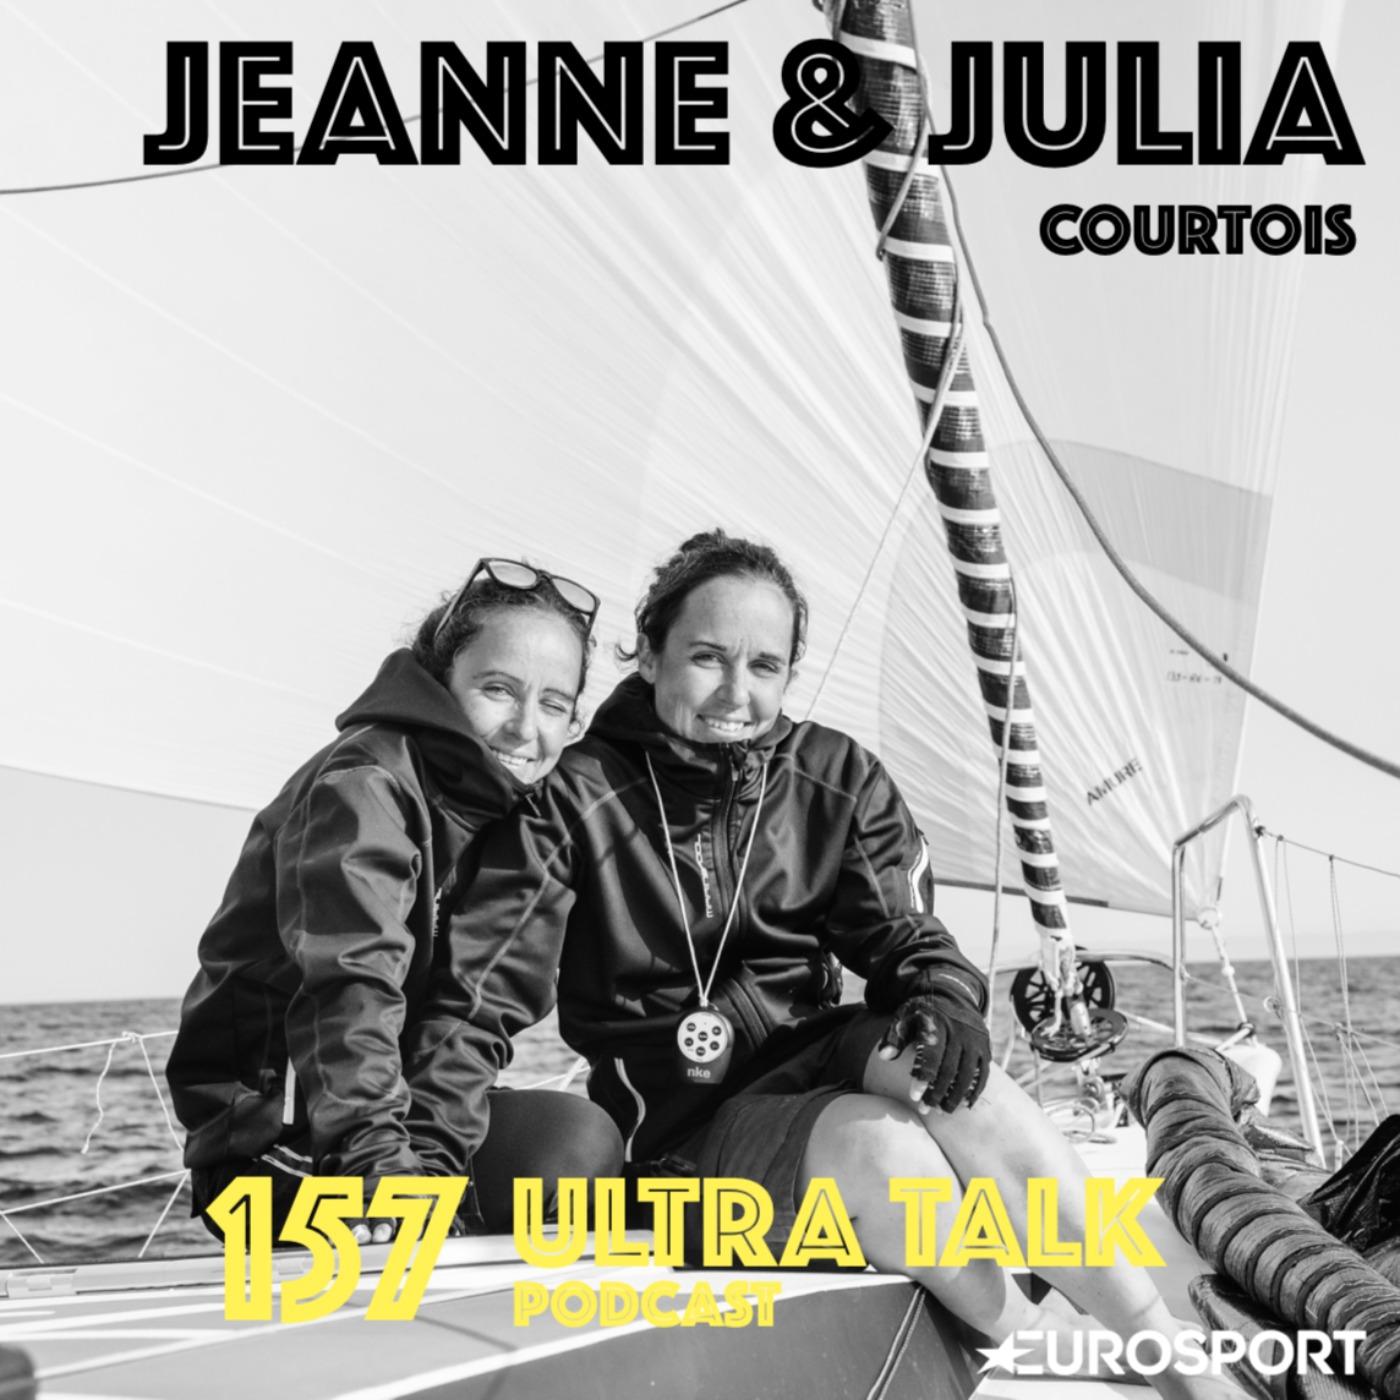 """Jeanne et Julia Courtois : """"Pour nous, c'est inédit de passer deux semaines sans utiliser nos jambes"""""""